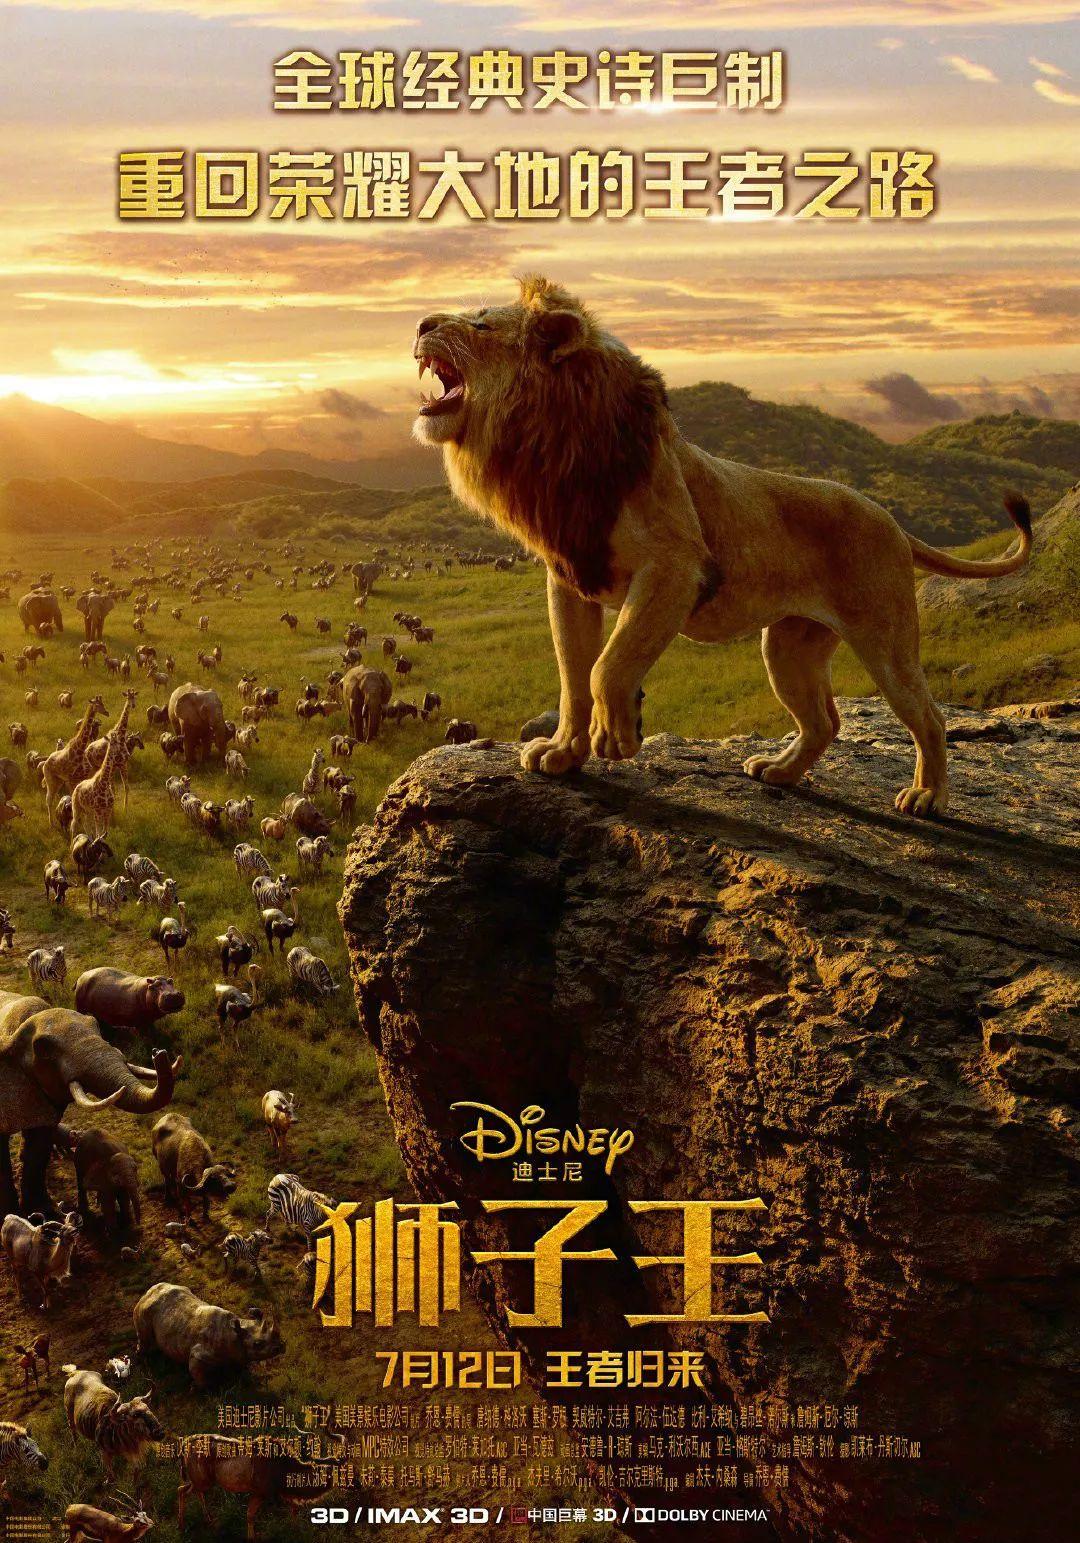 撸撸影院先锋影音_【var-影讯】《狮子王》7月12日,一起到影院撸大猫!